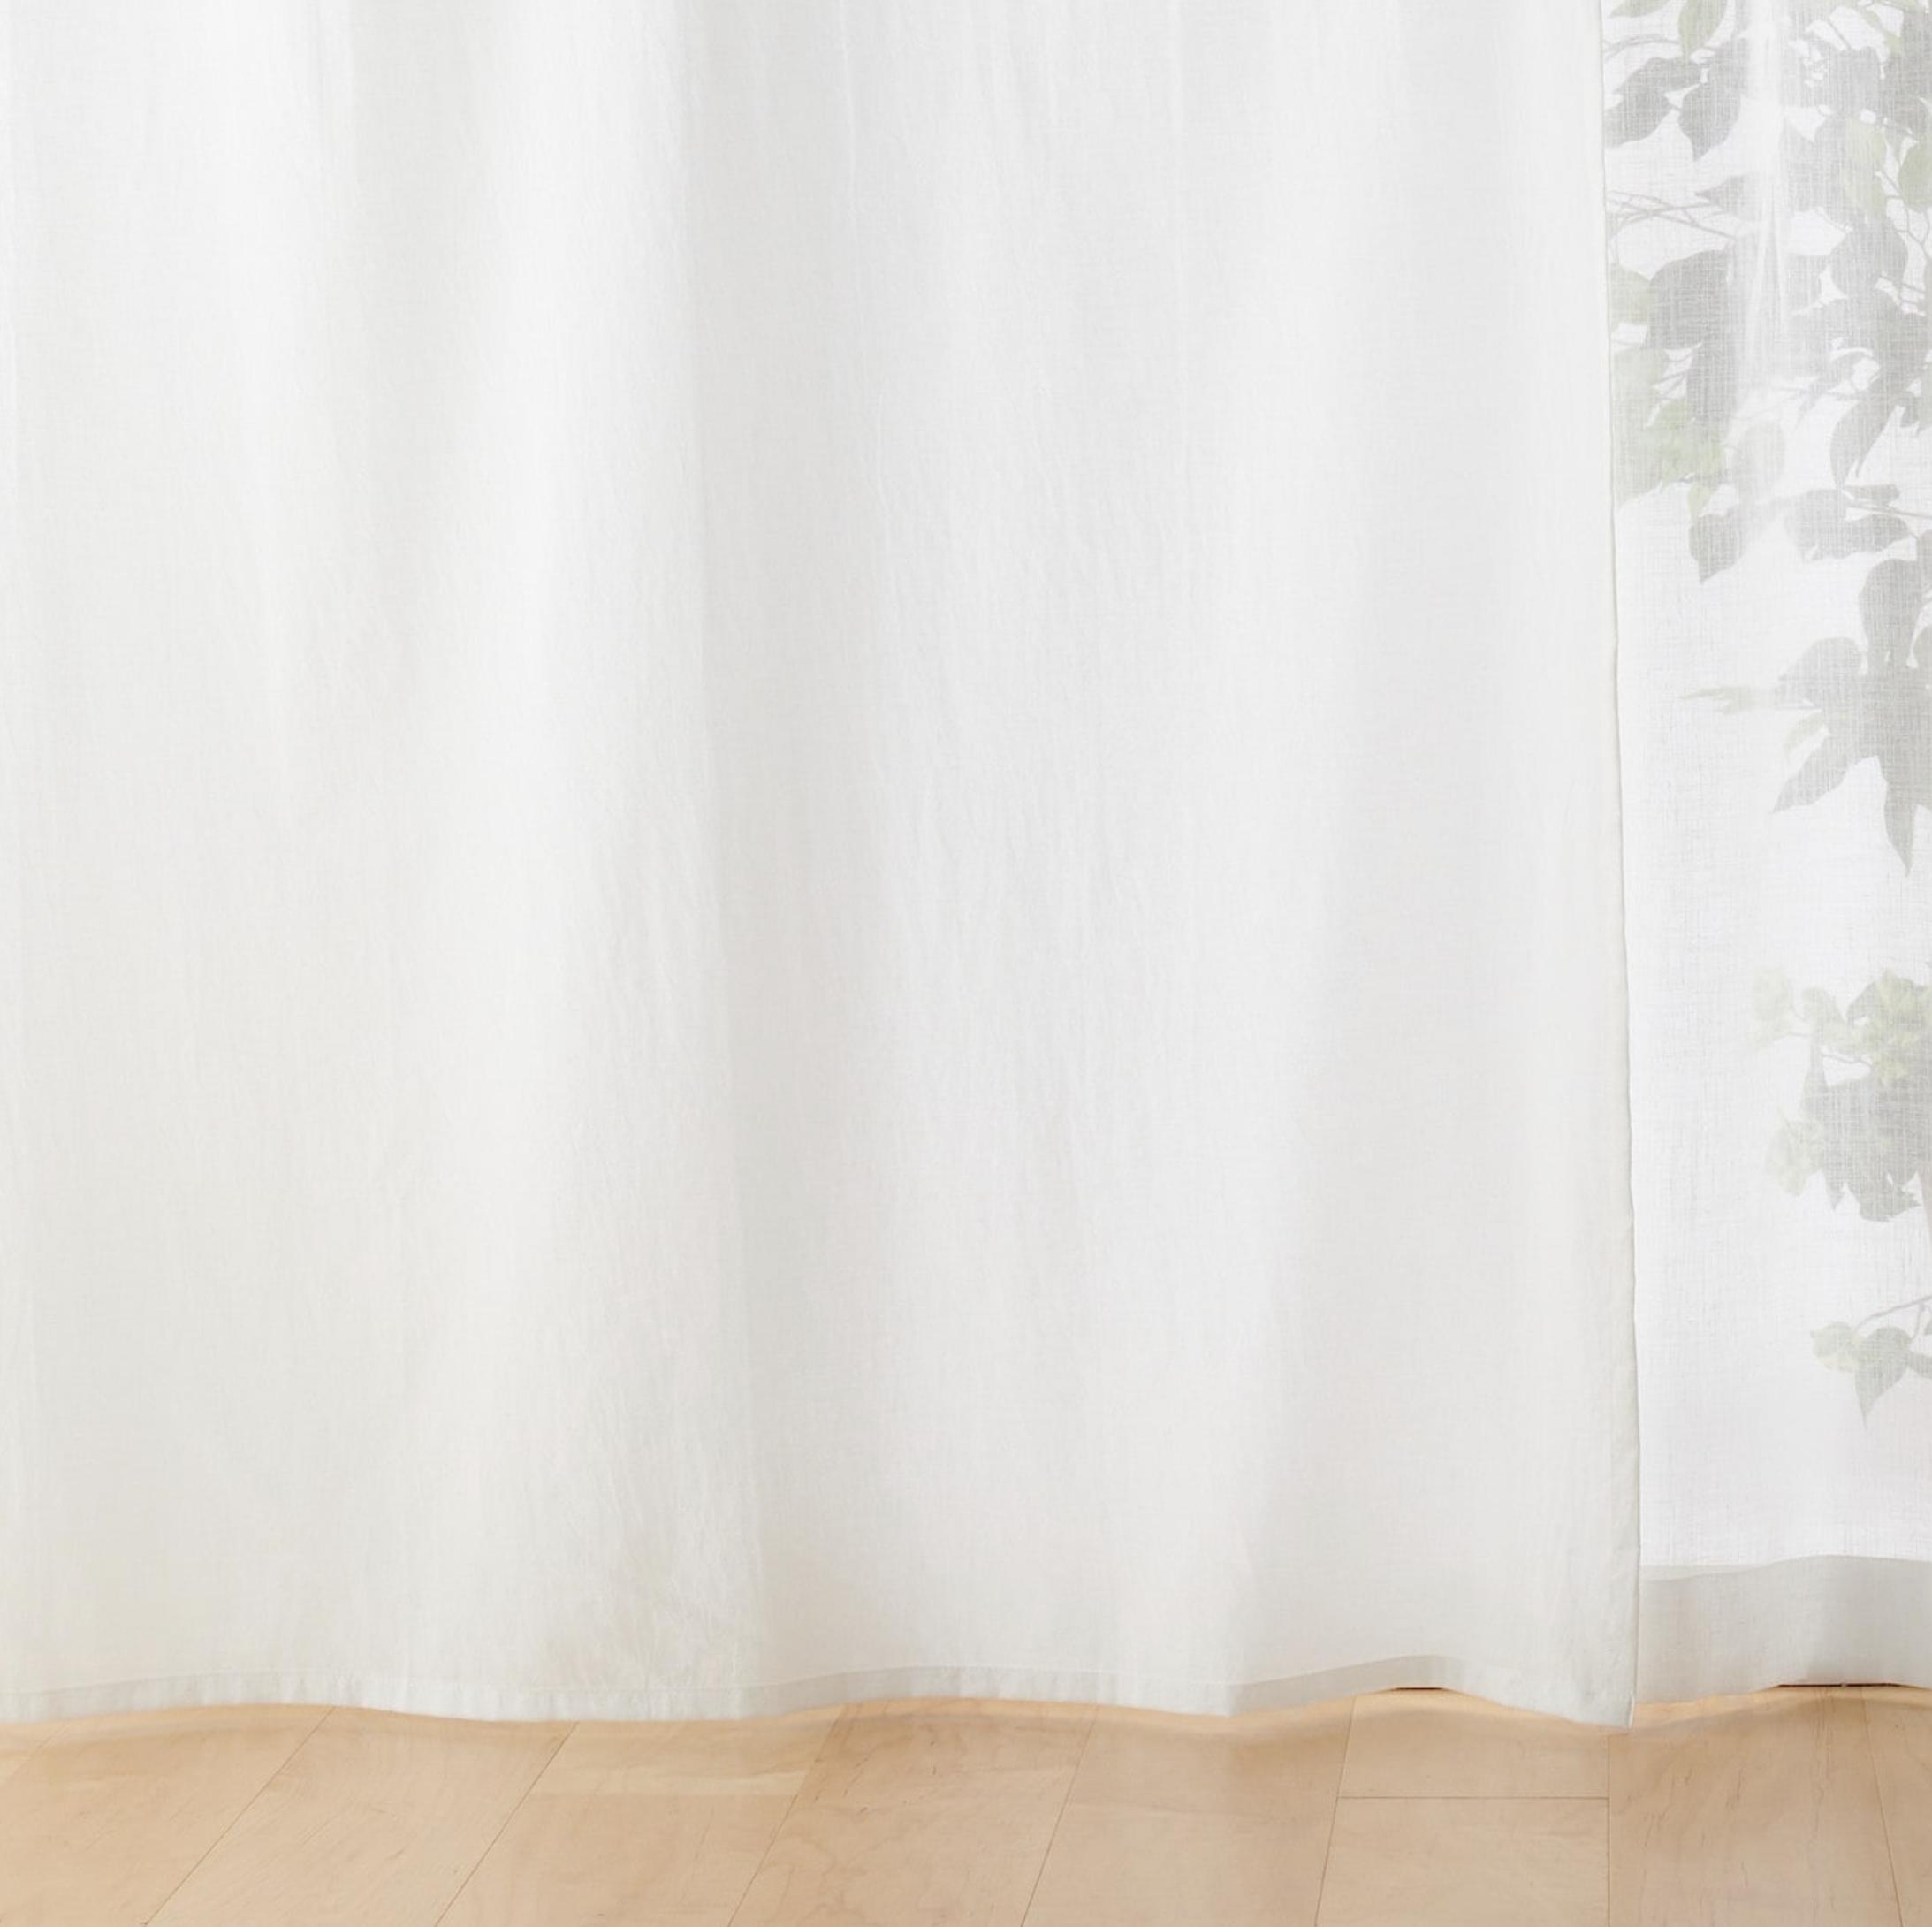 綿洗いざらしノンプリーツカーテン/生成 幅100×丈105cm用